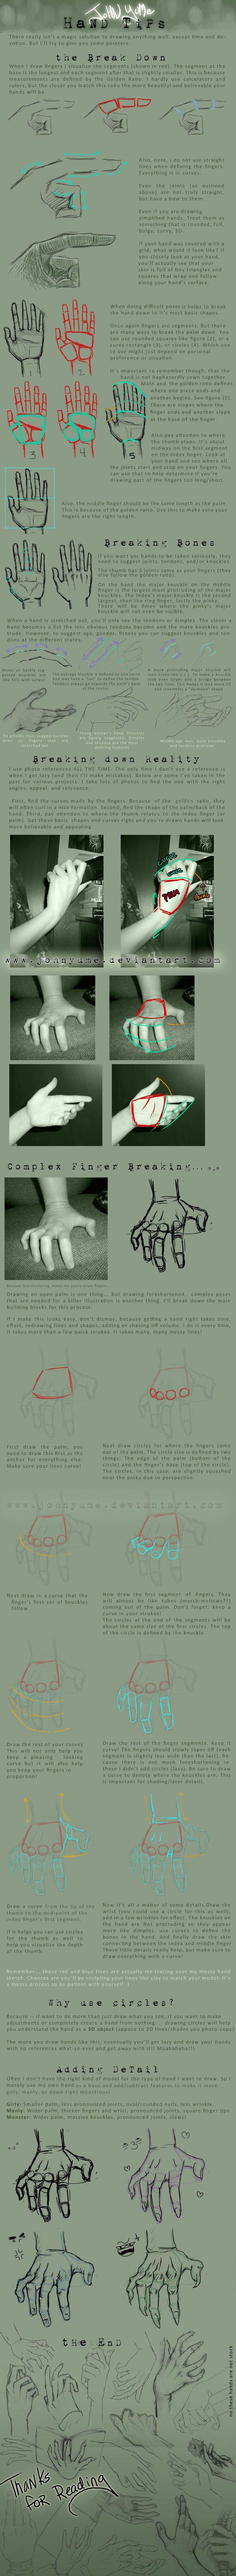 handtut